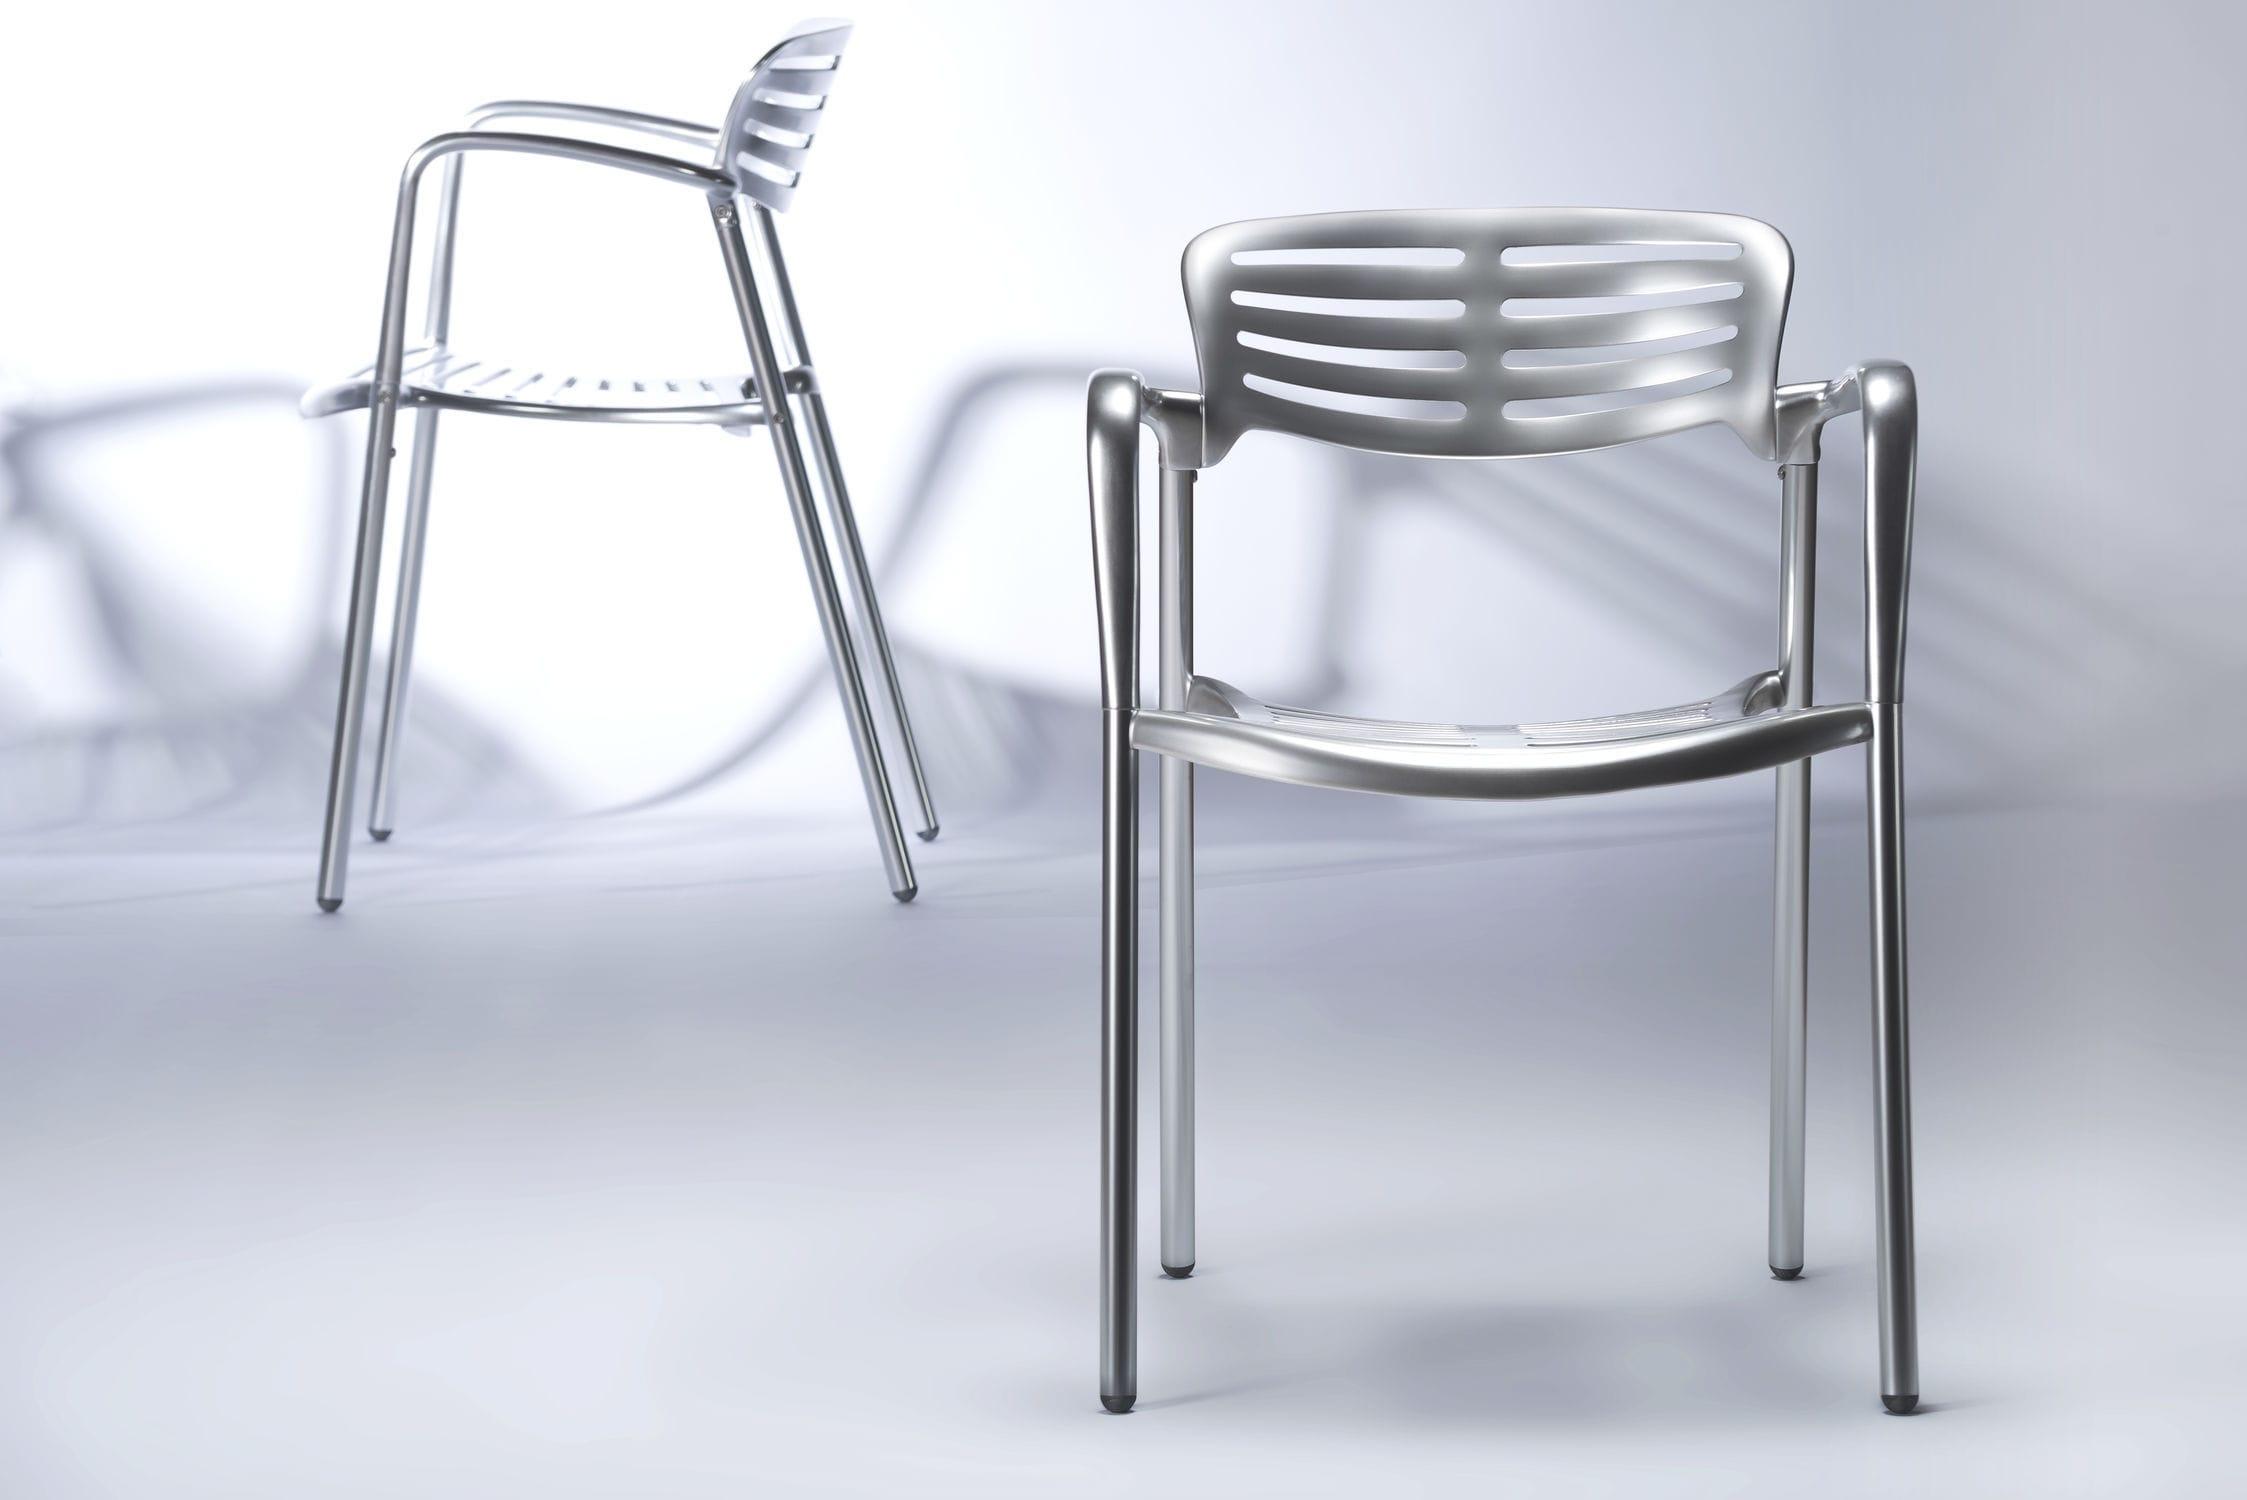 Sedia moderna con braccioli 100% riciclabile in alluminio